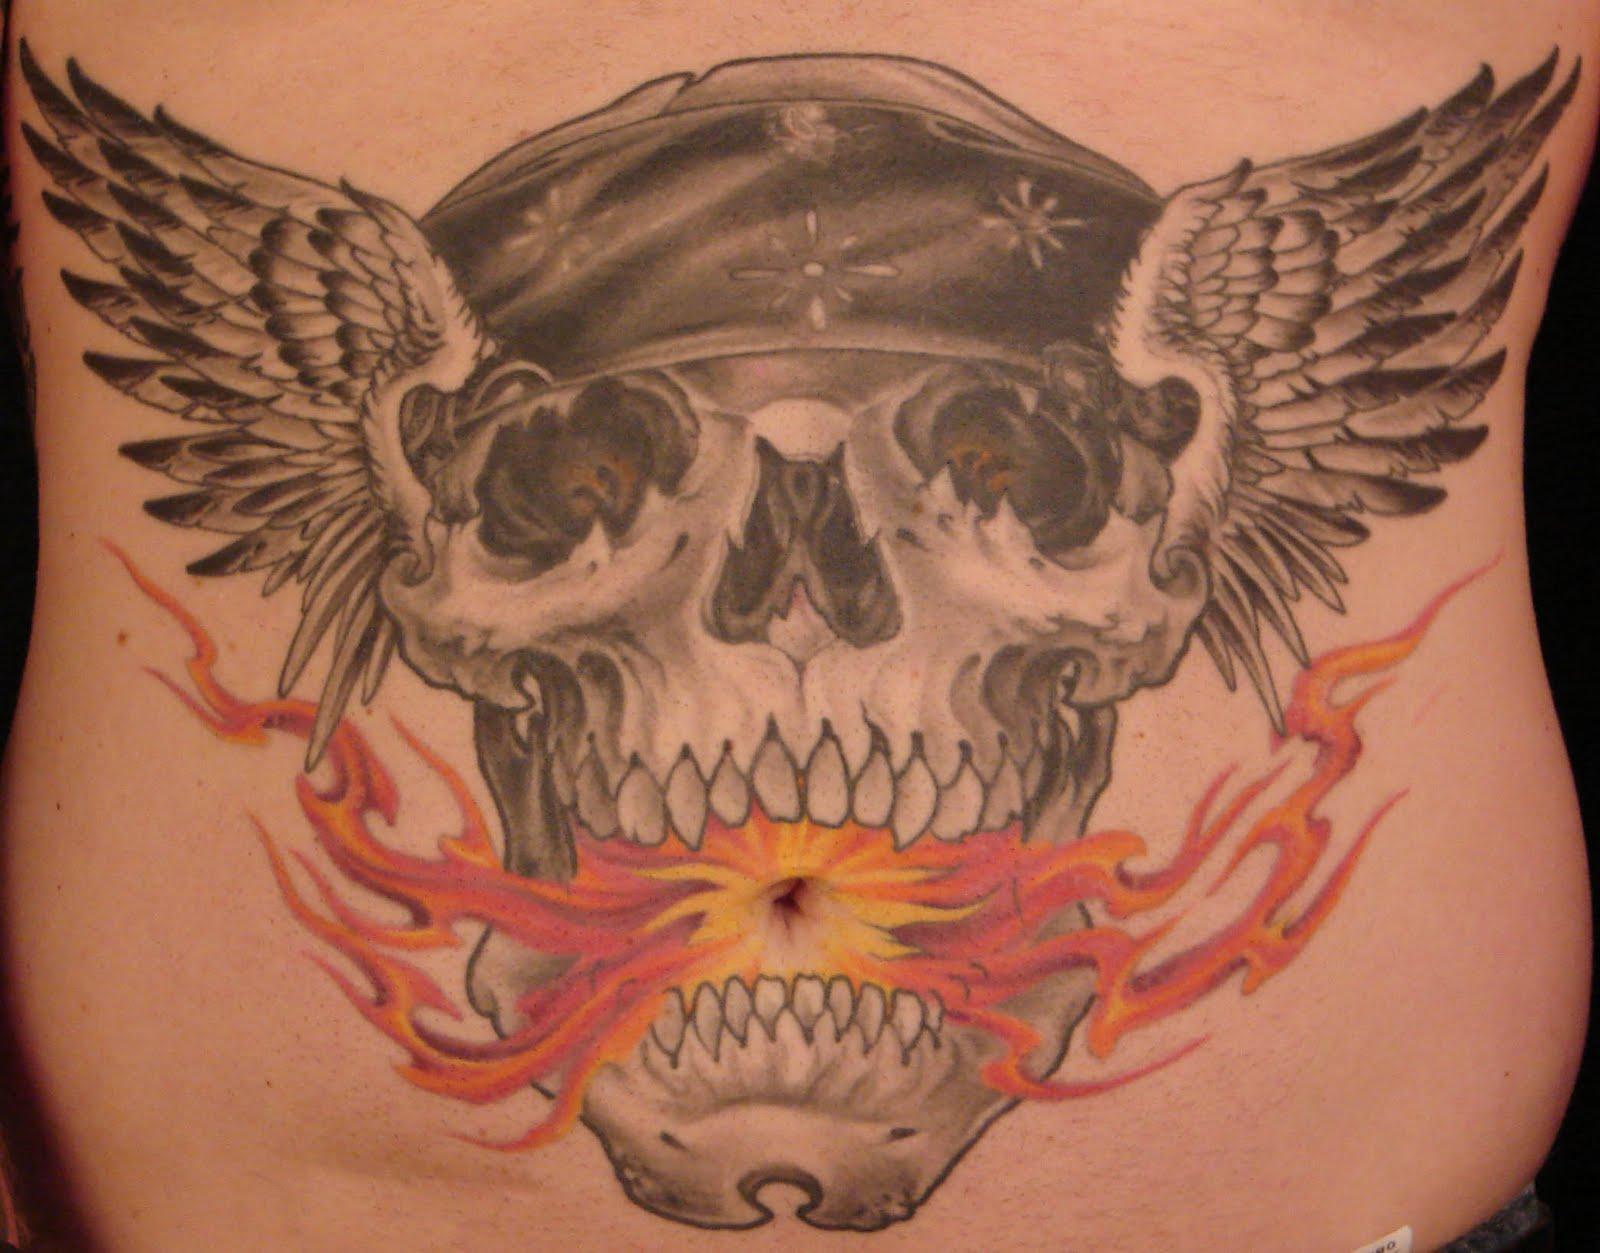 Big skull bat wings tattoo on stomach - Tattoos Book - 65 ...  |Skull Tummy Tattoo Wings